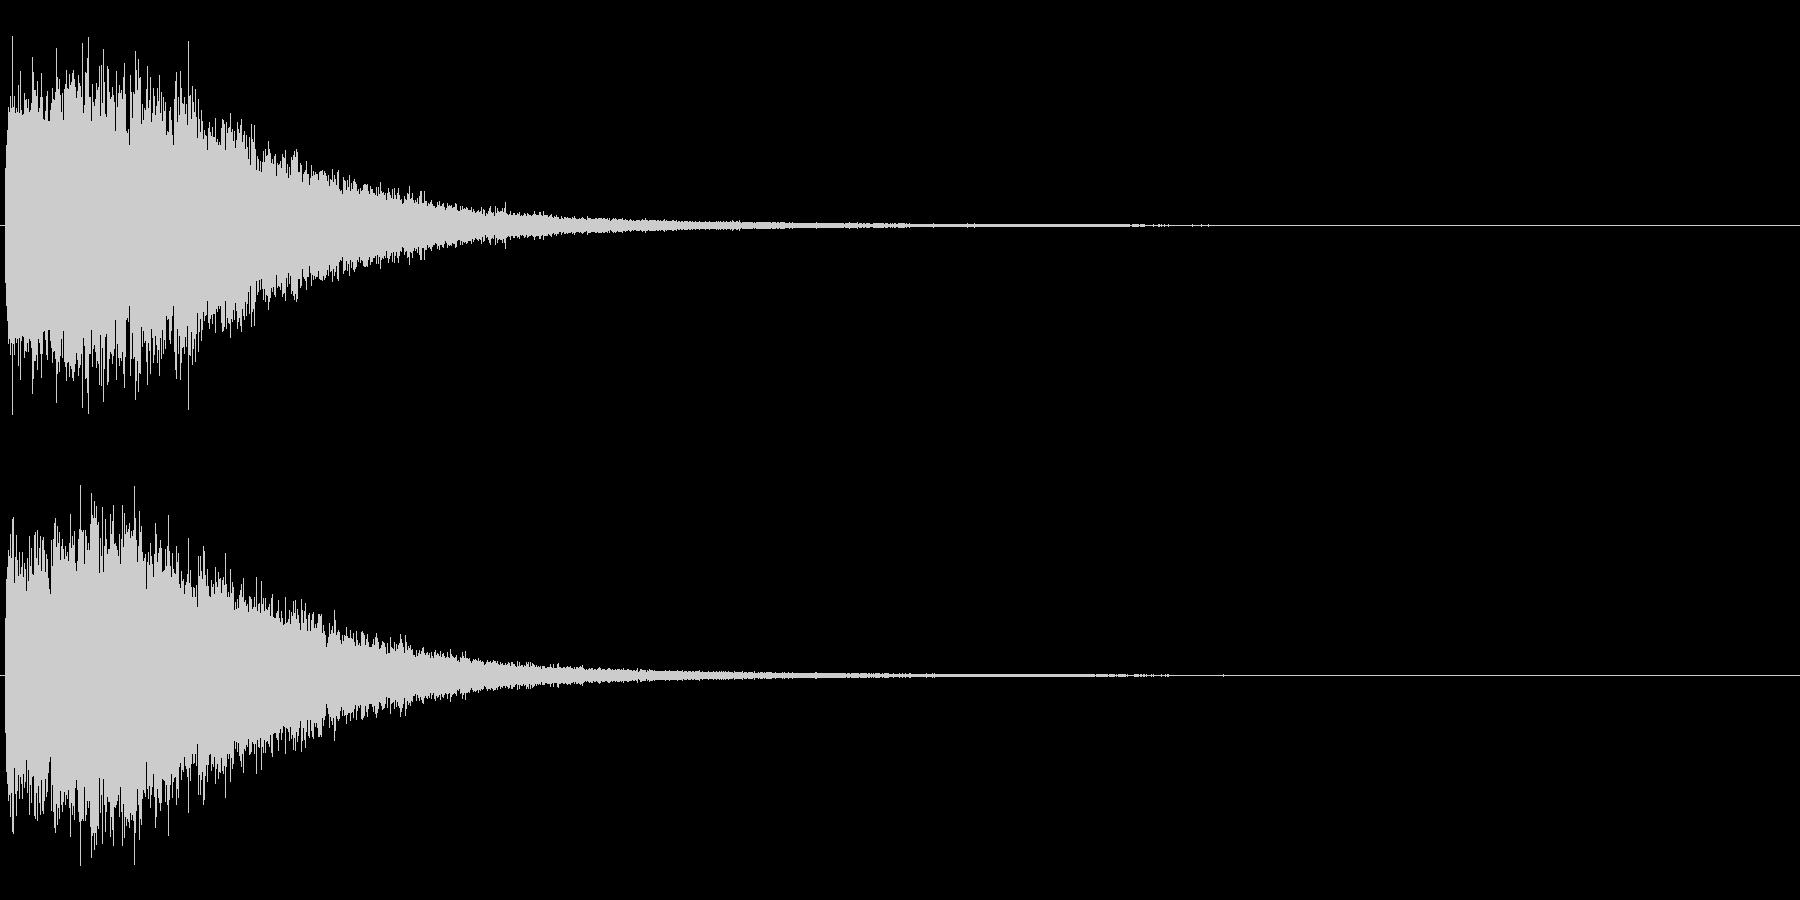 ピシャシャシャシャ インパクト音 ロゴの未再生の波形